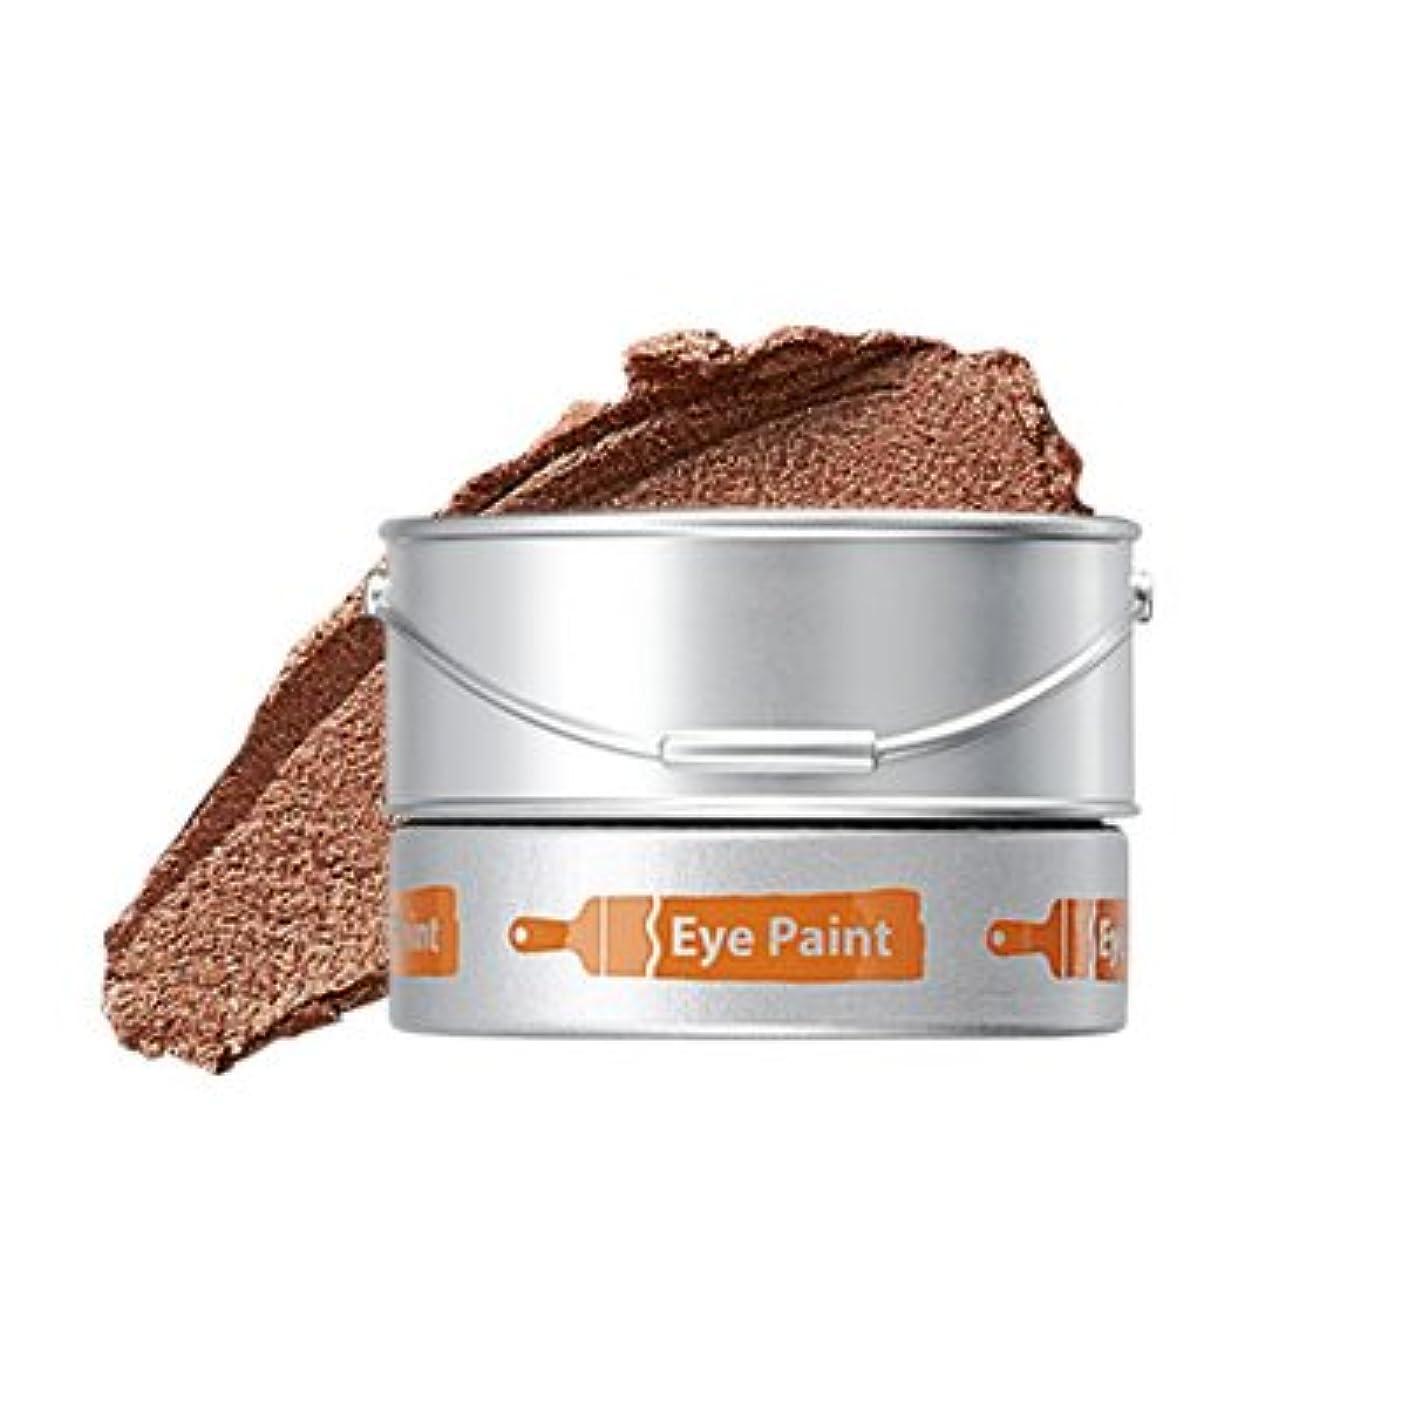 場合汚染絶え間ない【The Saem】 アイペイント/ザセム eye paint クリームシャドウ (04コパーテン)